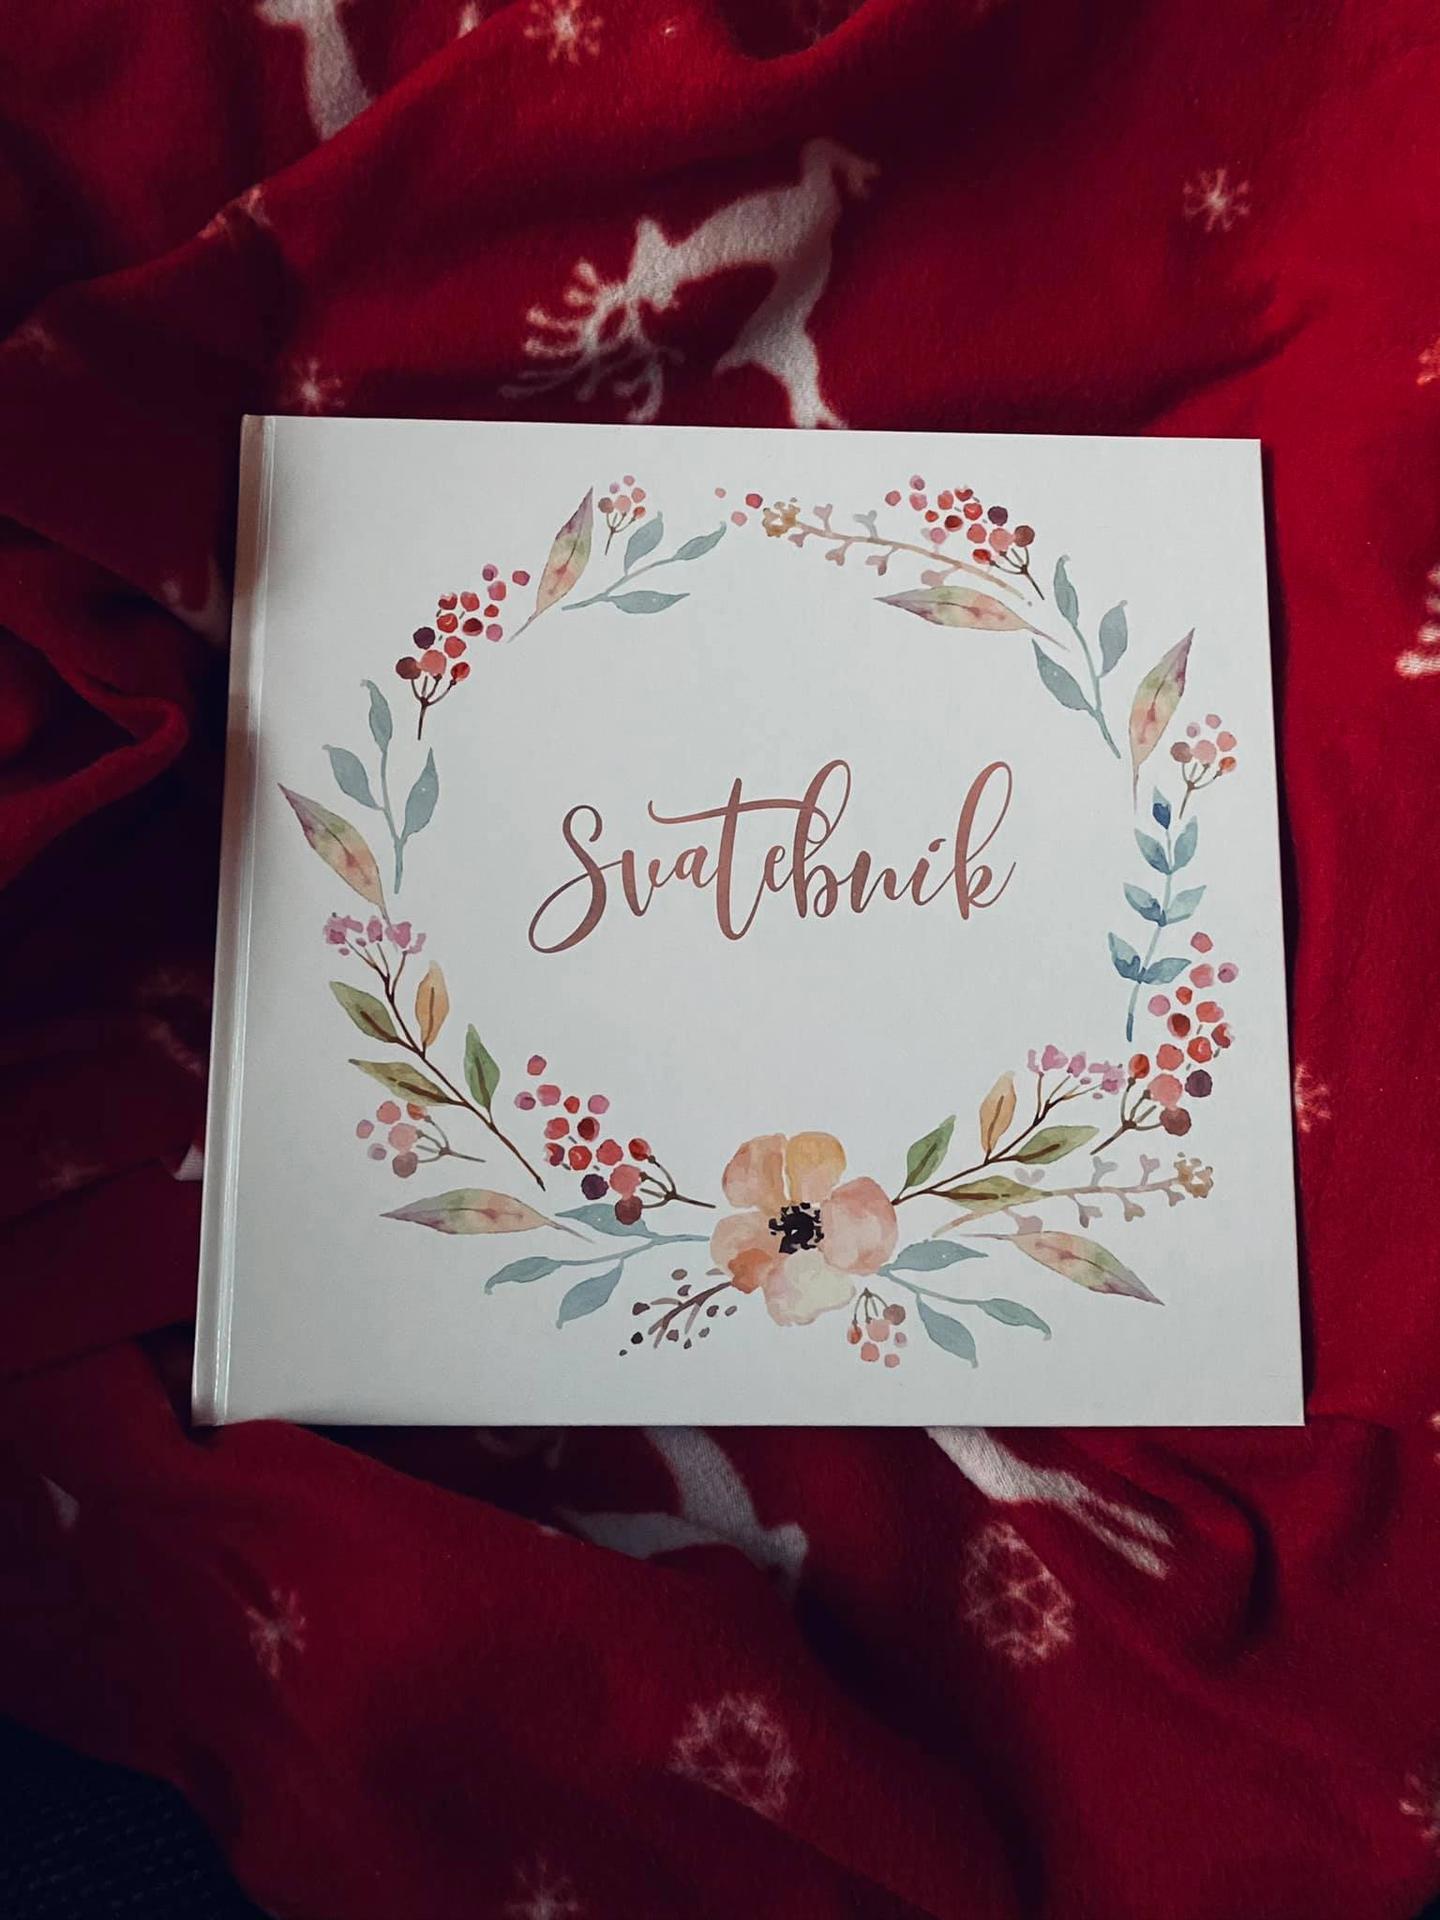 Přípravy - Svatebník od Mementerra bude fungovat jako svatební kniha se vzkazy od svatebčanů :)